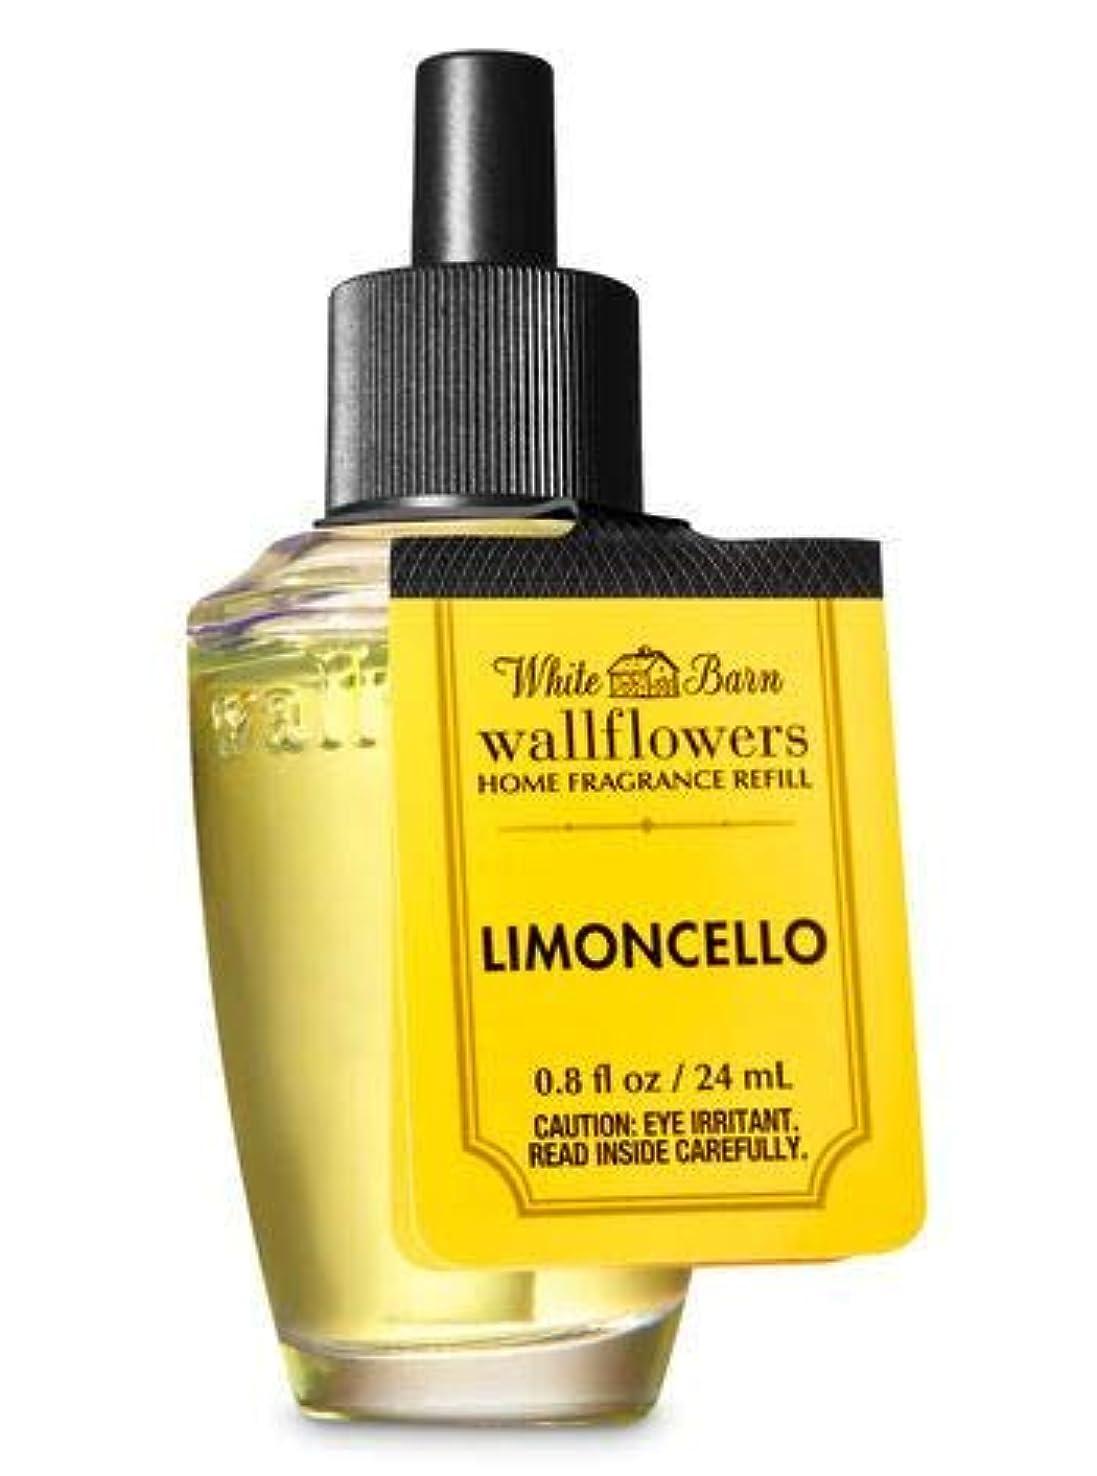 ジャム統計偶然【Bath&Body Works/バス&ボディワークス】 ルームフレグランス 詰替えリフィル リモンチェッロ Wallflowers Home Fragrance Refill Limoncello [並行輸入品]